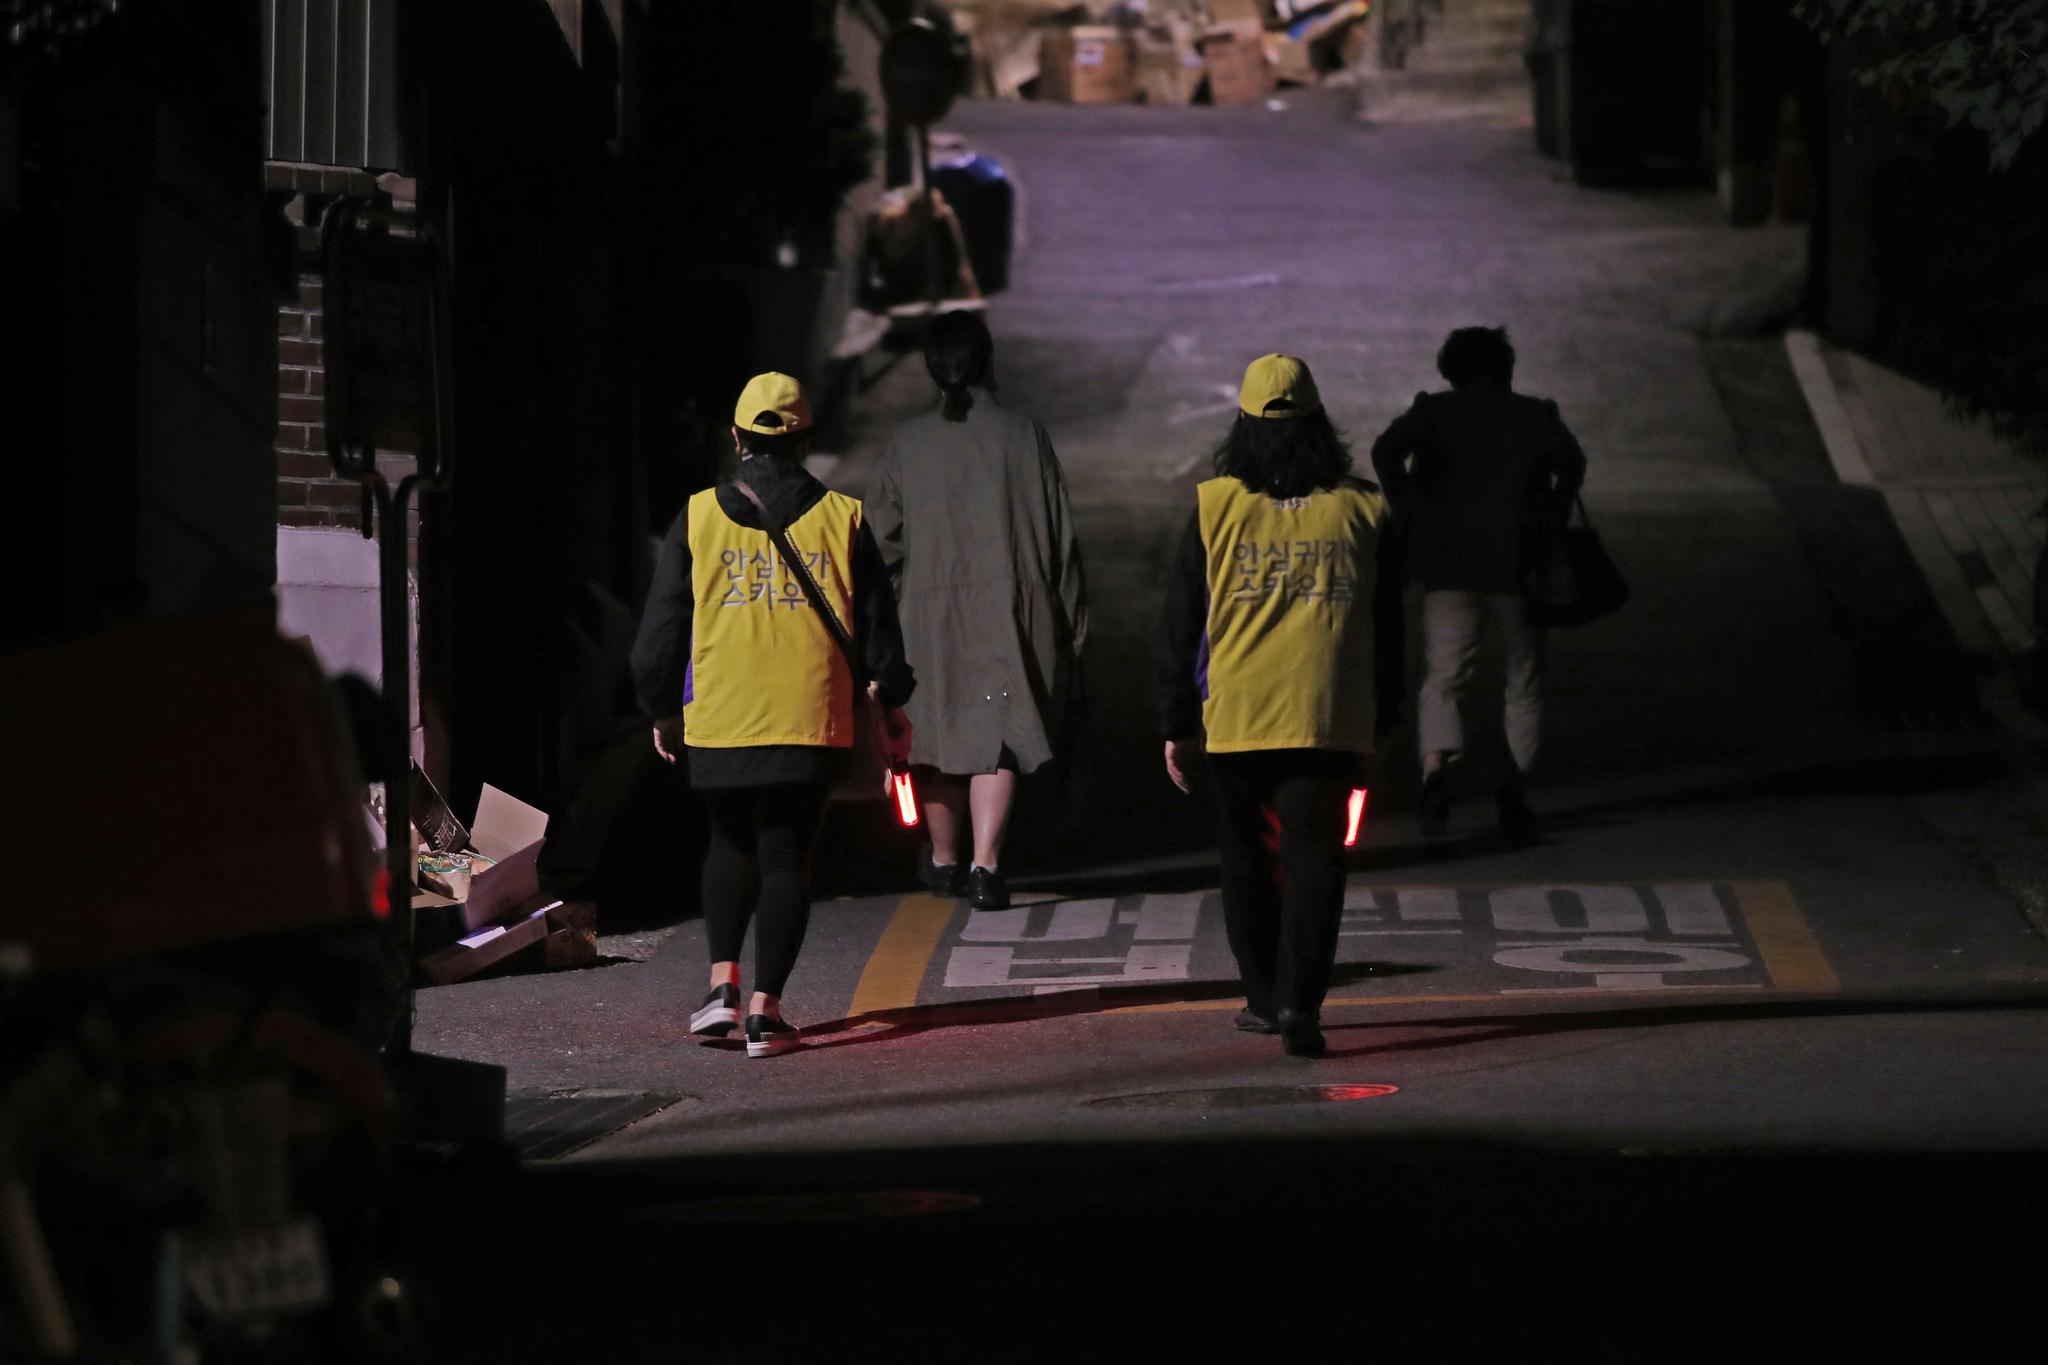 지난해 서울 종로구에서 안심귀가 스카우트가 순찰을 하고 있는 모습. 연합뉴스